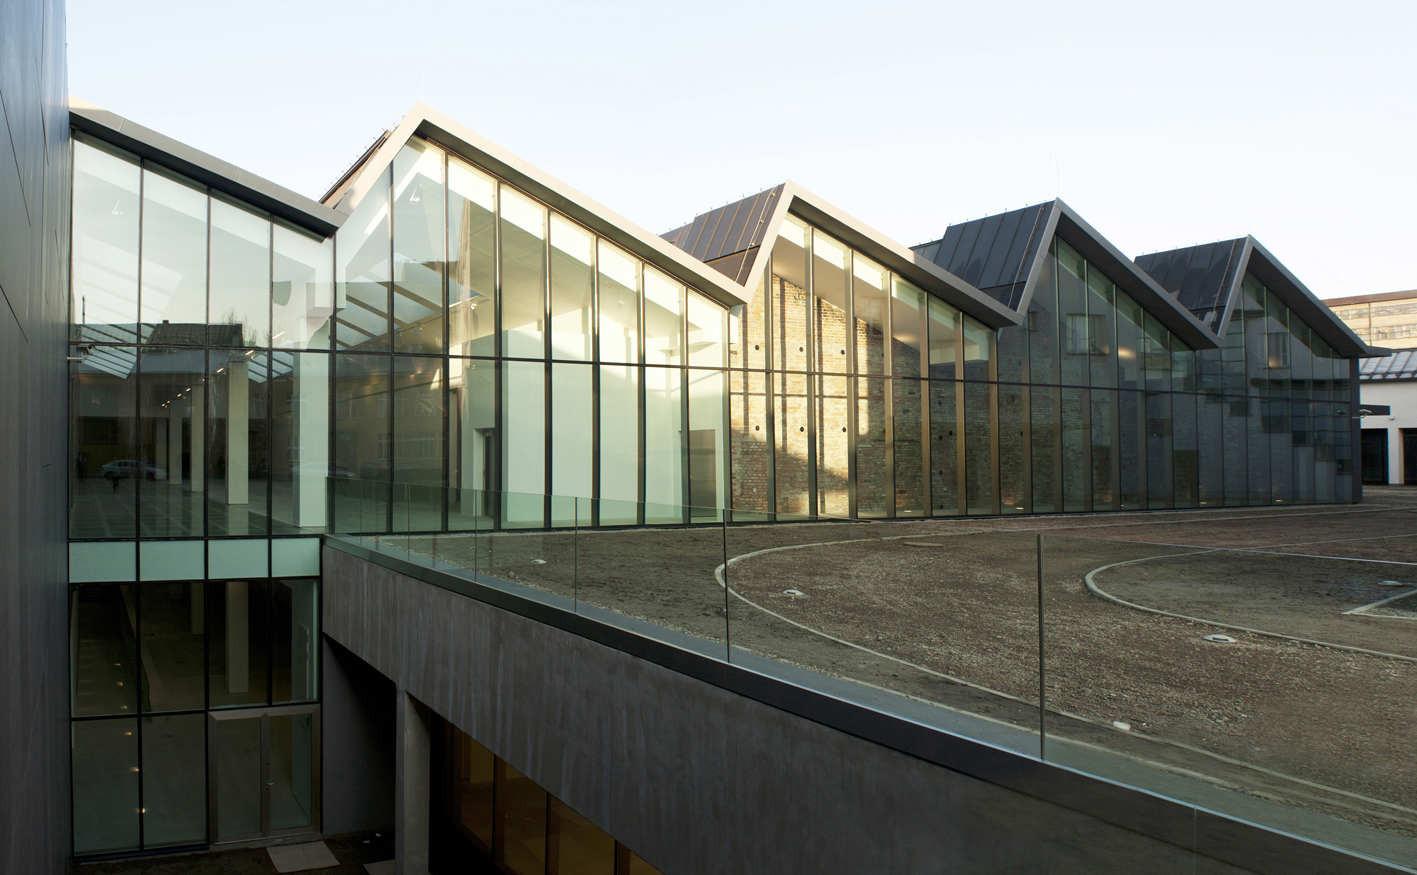 Museum of Contemporary Art in Krakow / Claudio Nardi Architetto, © Adam Kozak